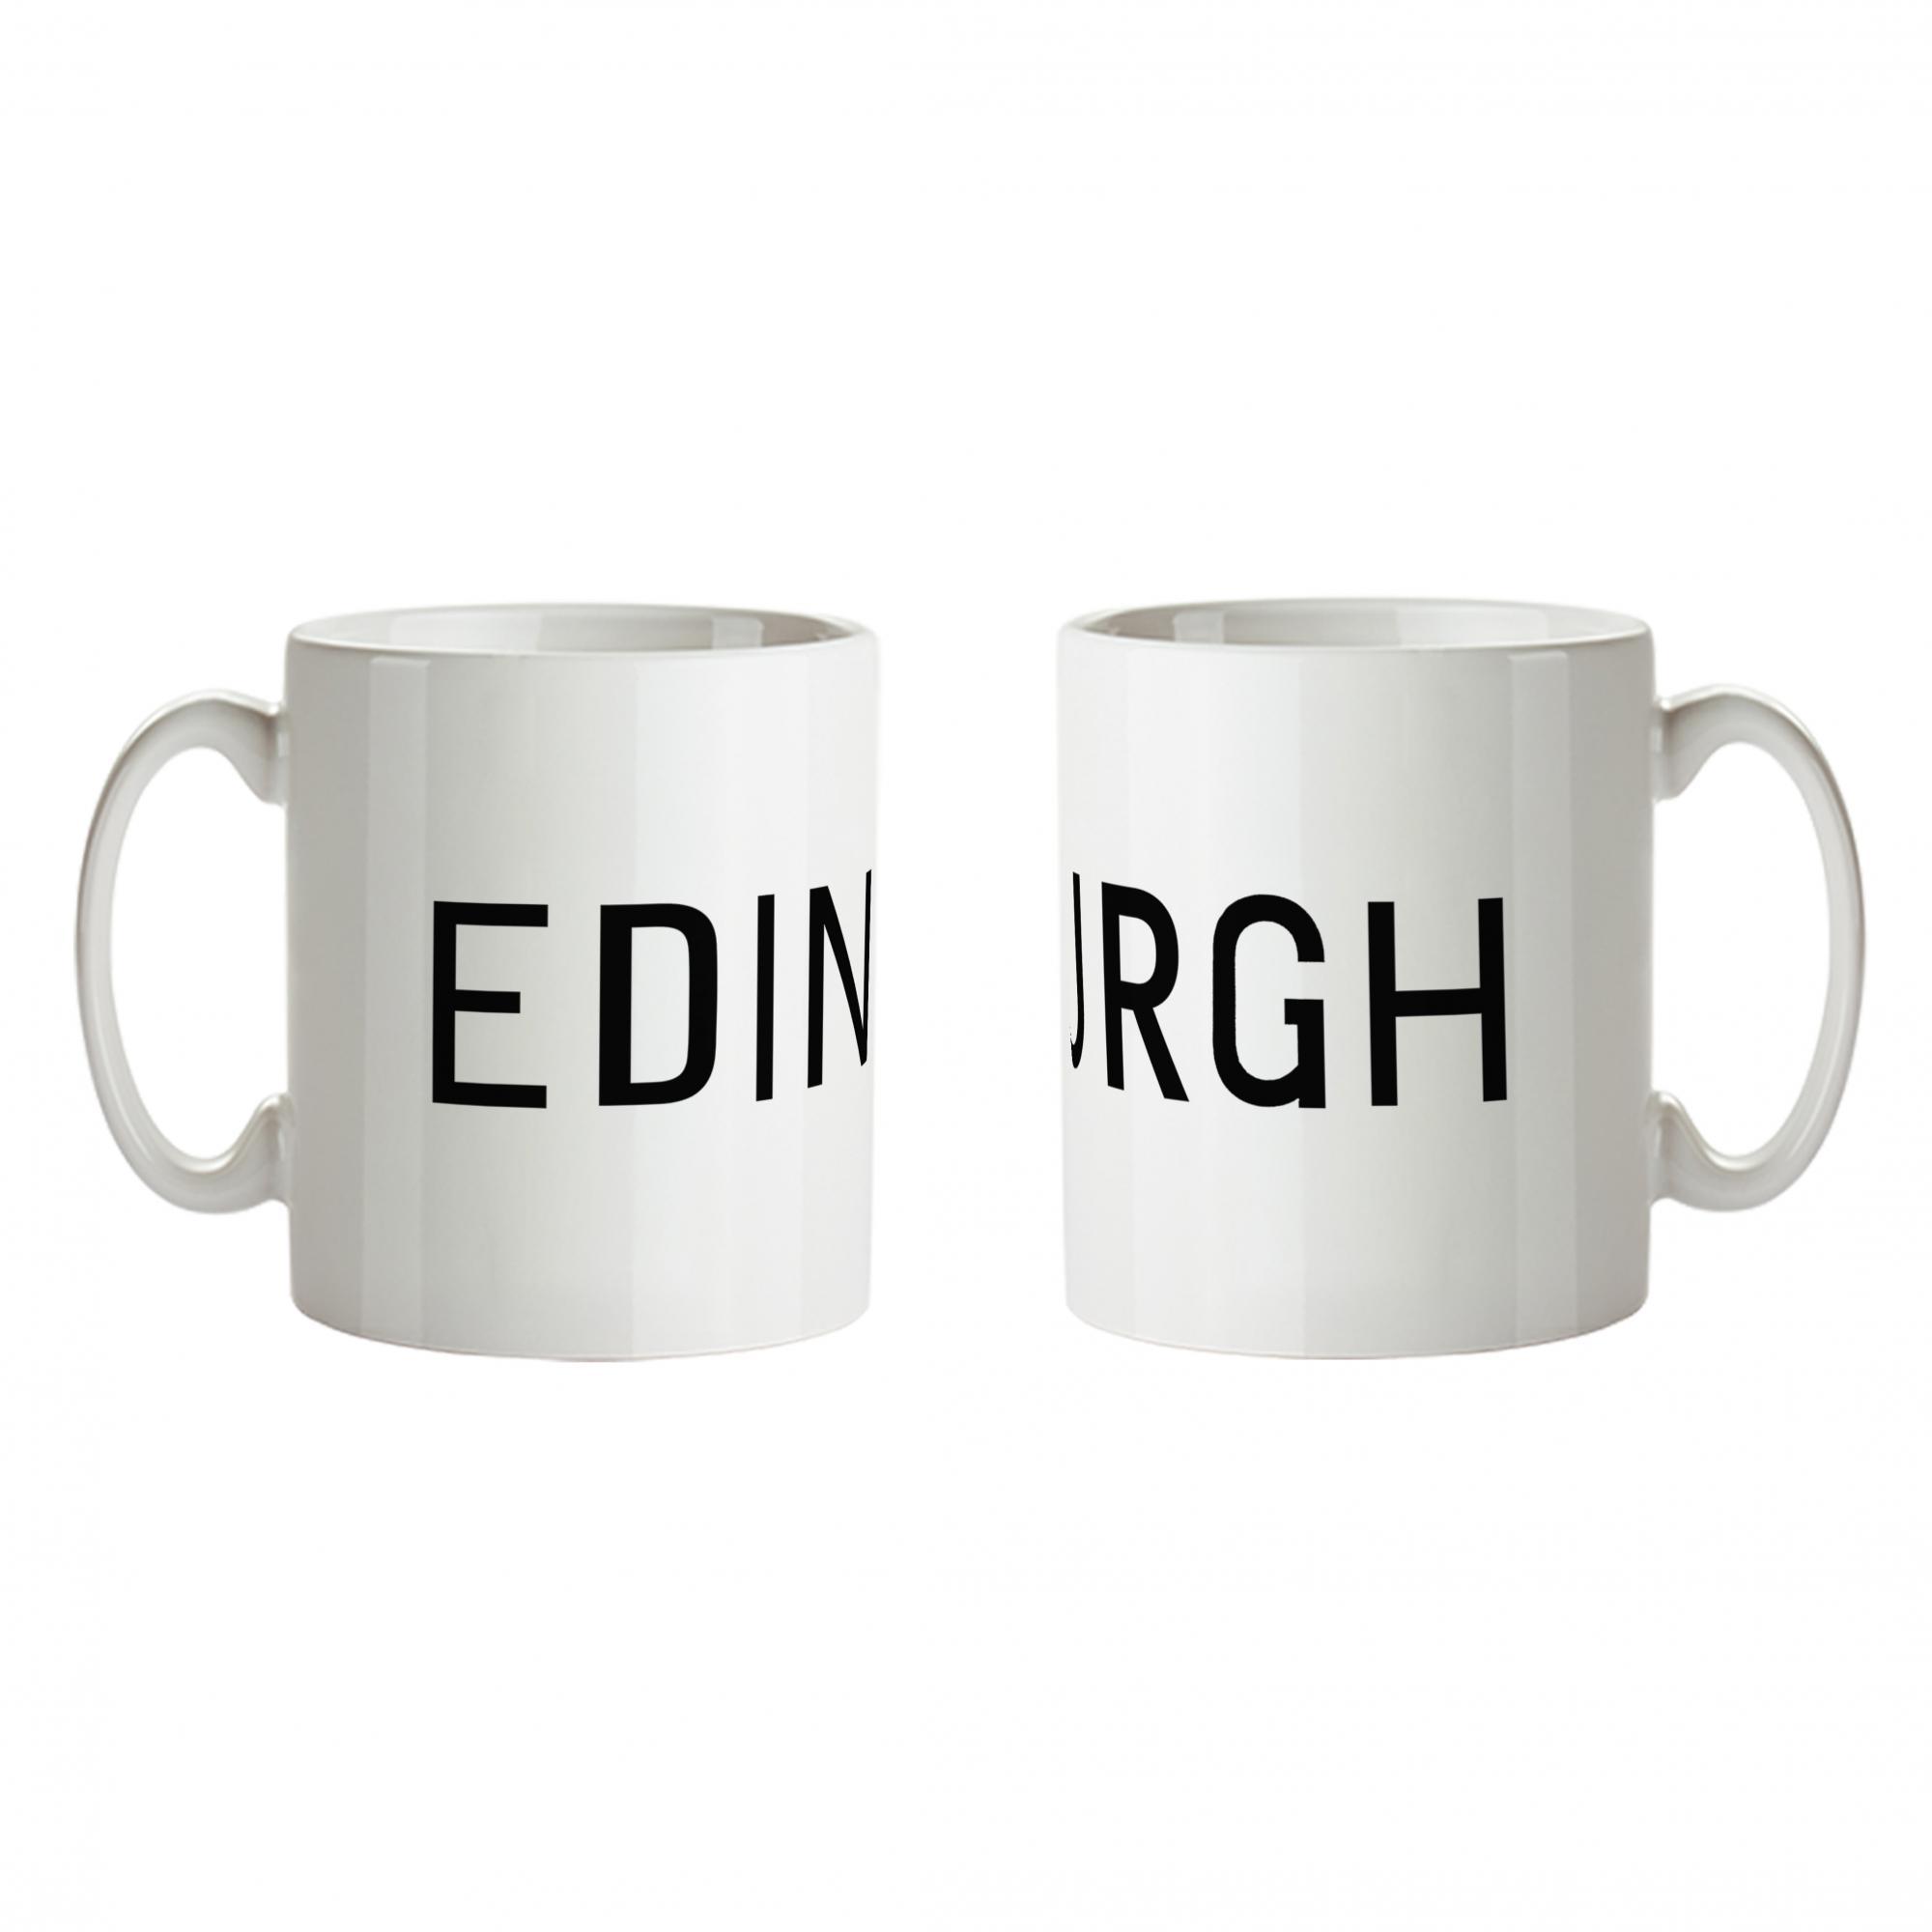 Edinburgh bus blind ceramic mug